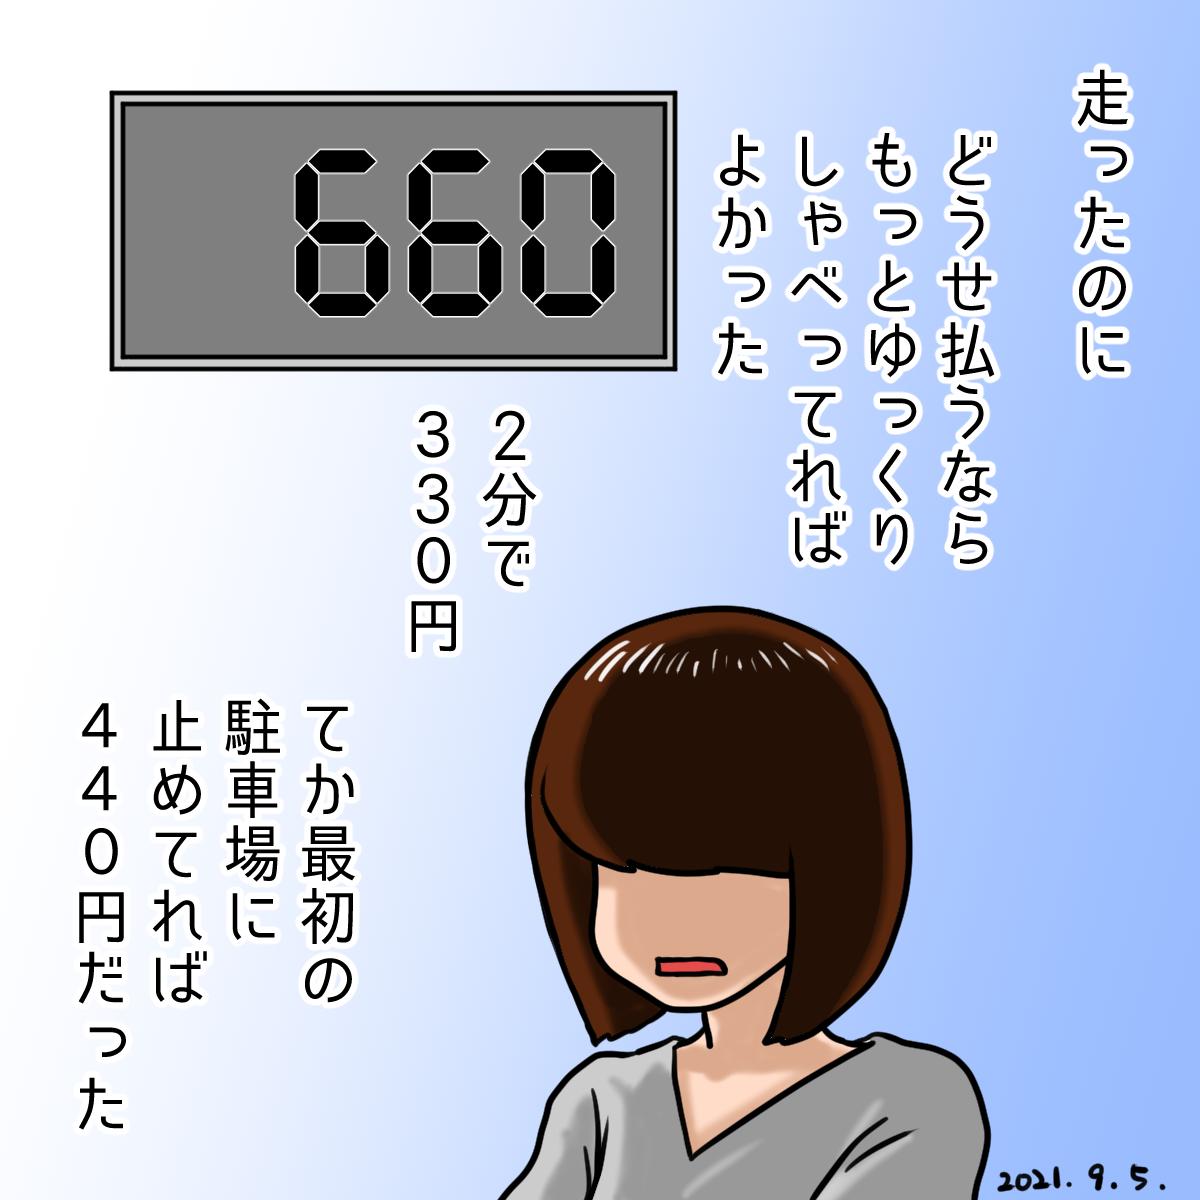 57B77B6B-66DD-459C-962E-32E86F059C48.png